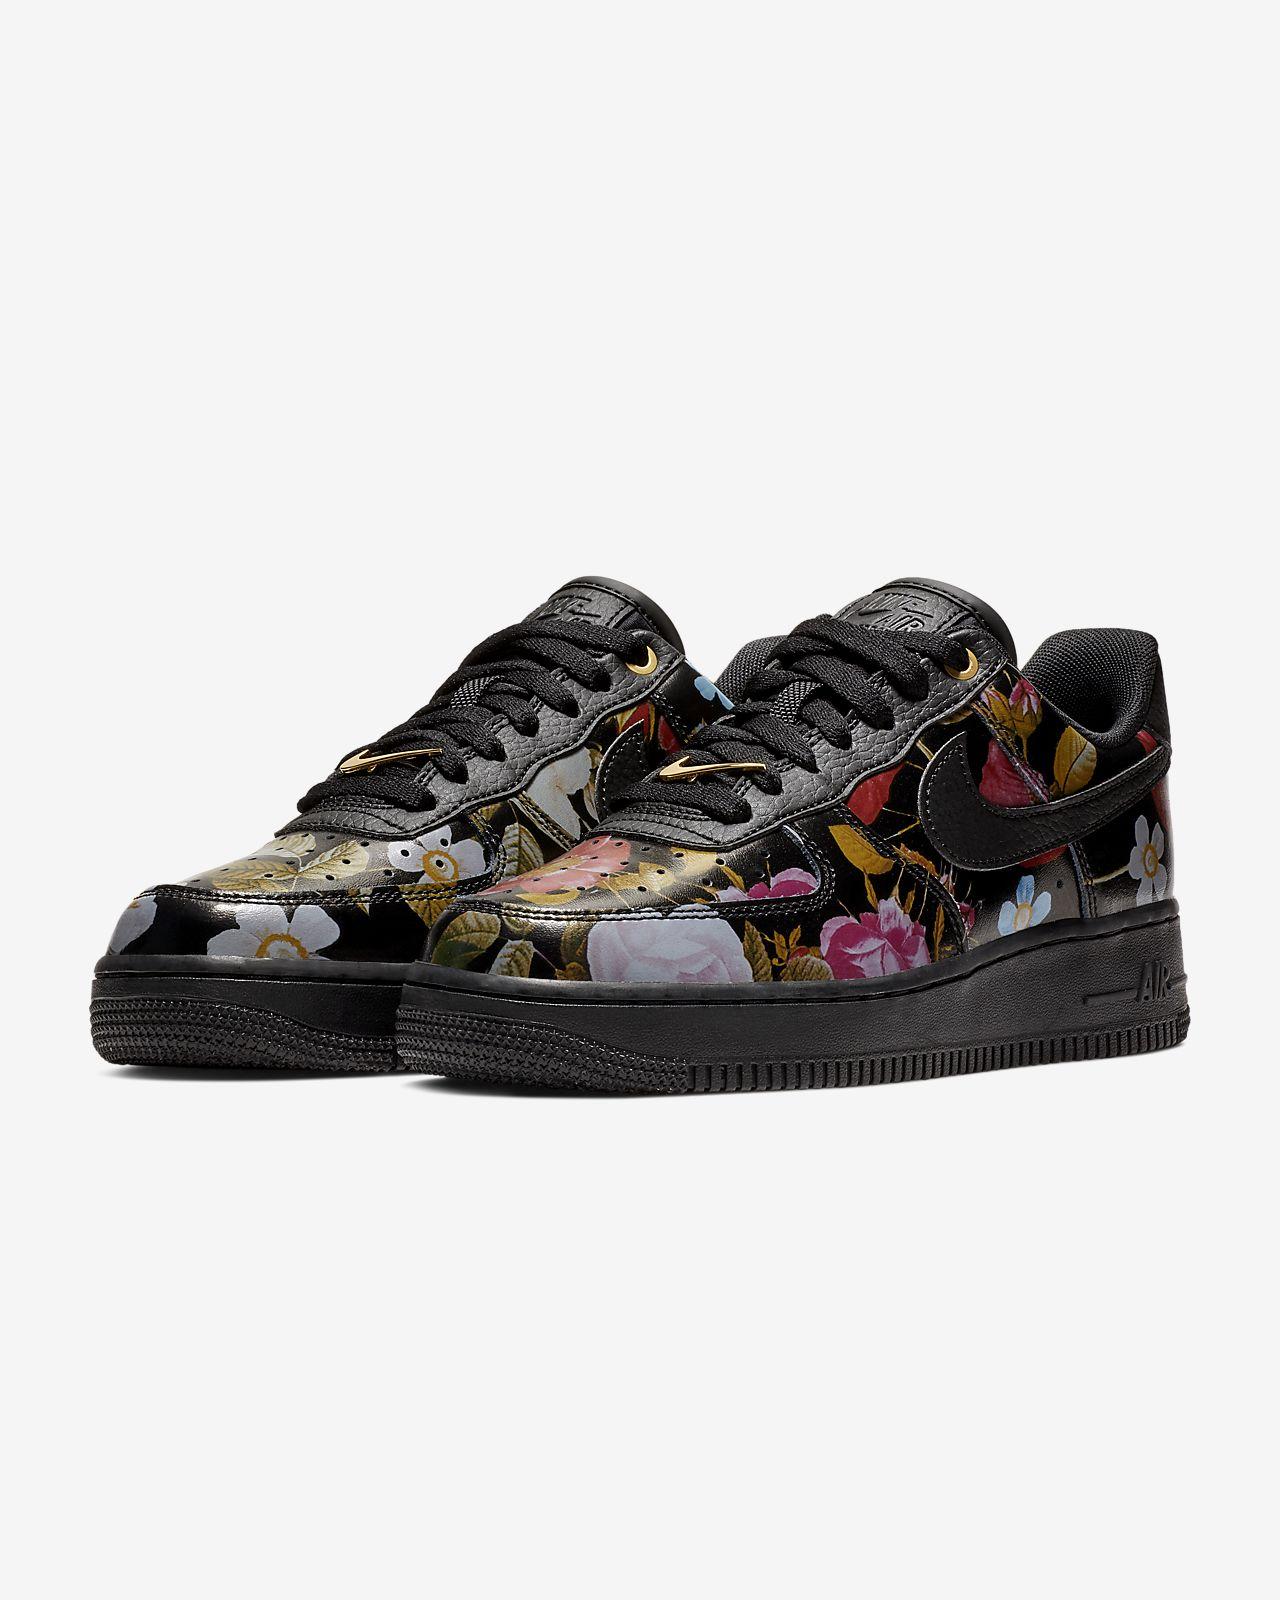 buy online c521a b5224 ... max 90 udsalg 565e1 f85f7  uk nike air force 1 07 lxx floral sko til  kvinder 0f290 38b05